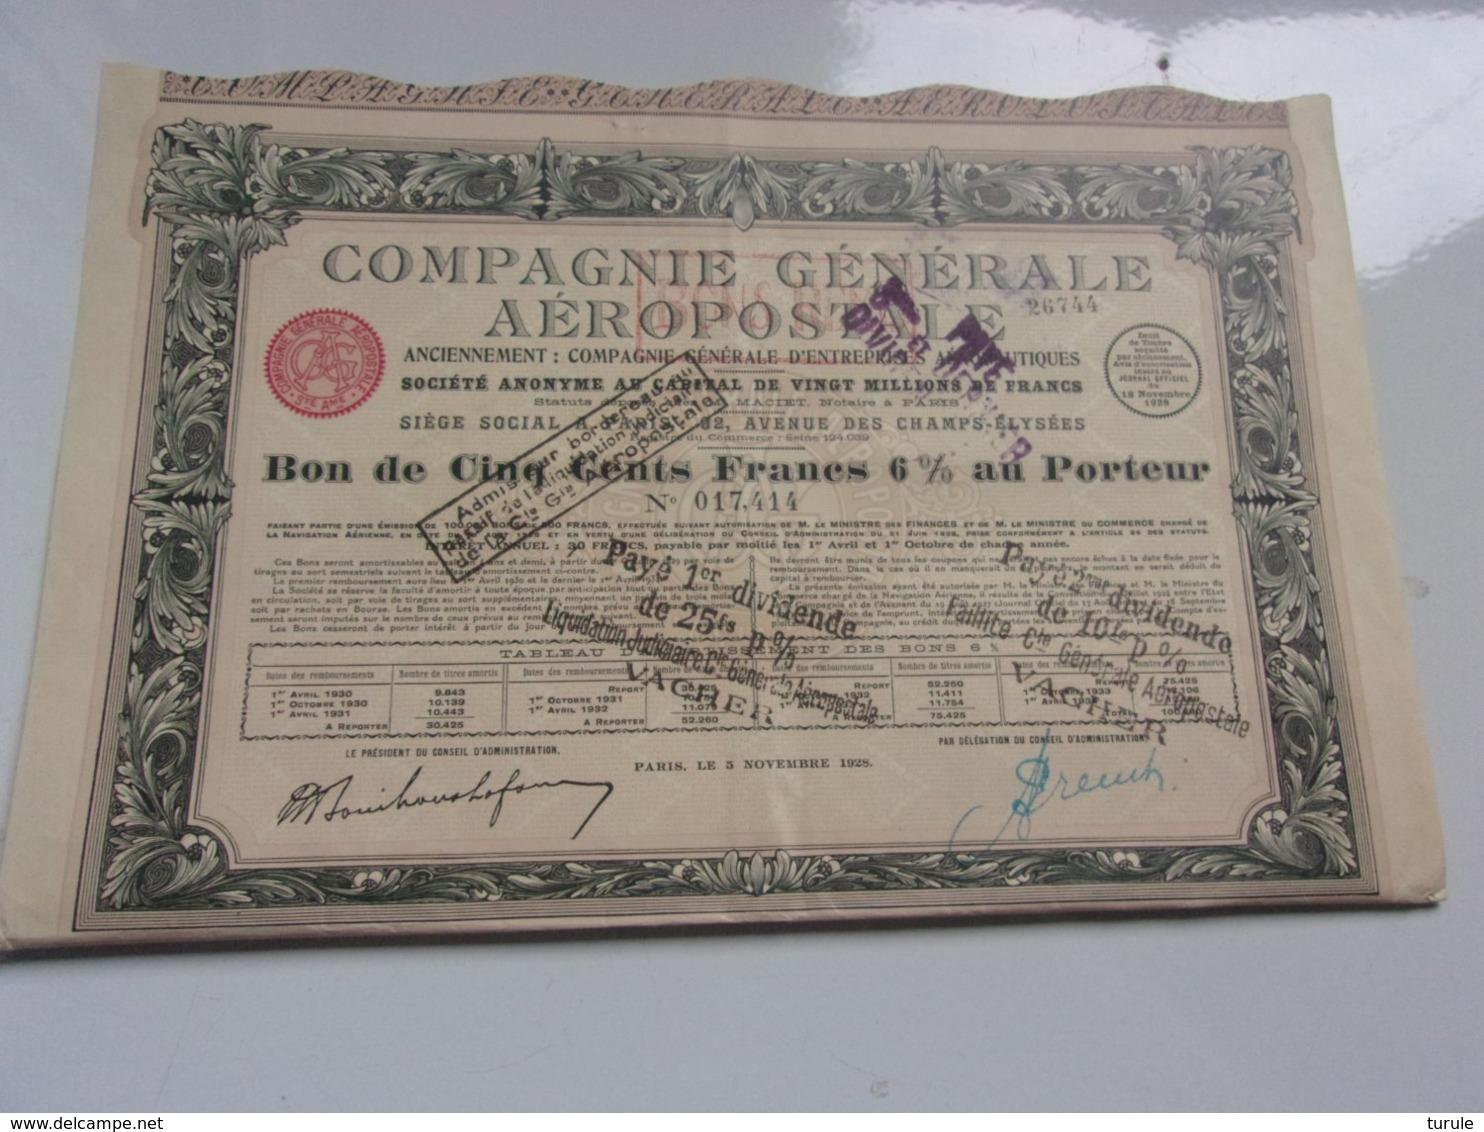 COMPAGNIE GENERALE AEROPOSTALE (bon De 500 Francs 6%) Imprimerie RICHARD - Shareholdings